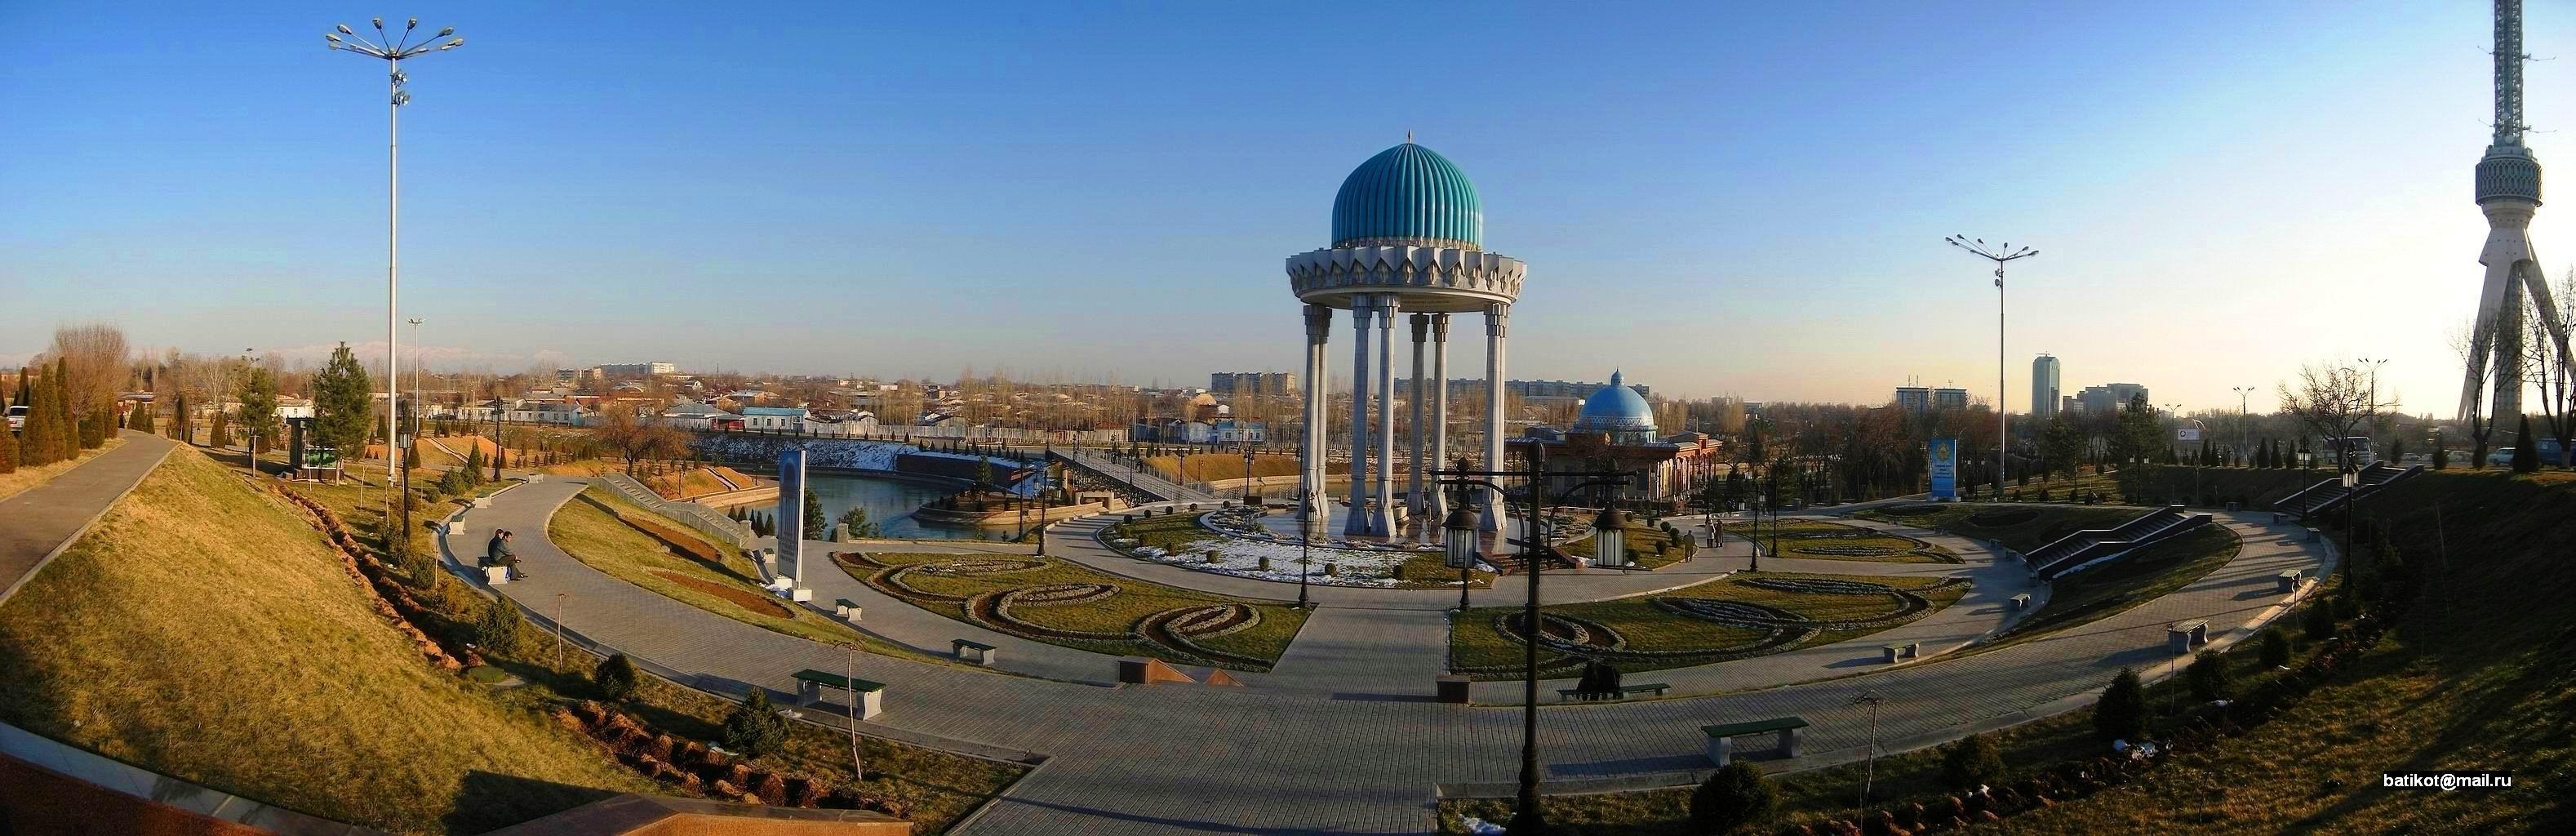 Выходные в Ташкенте